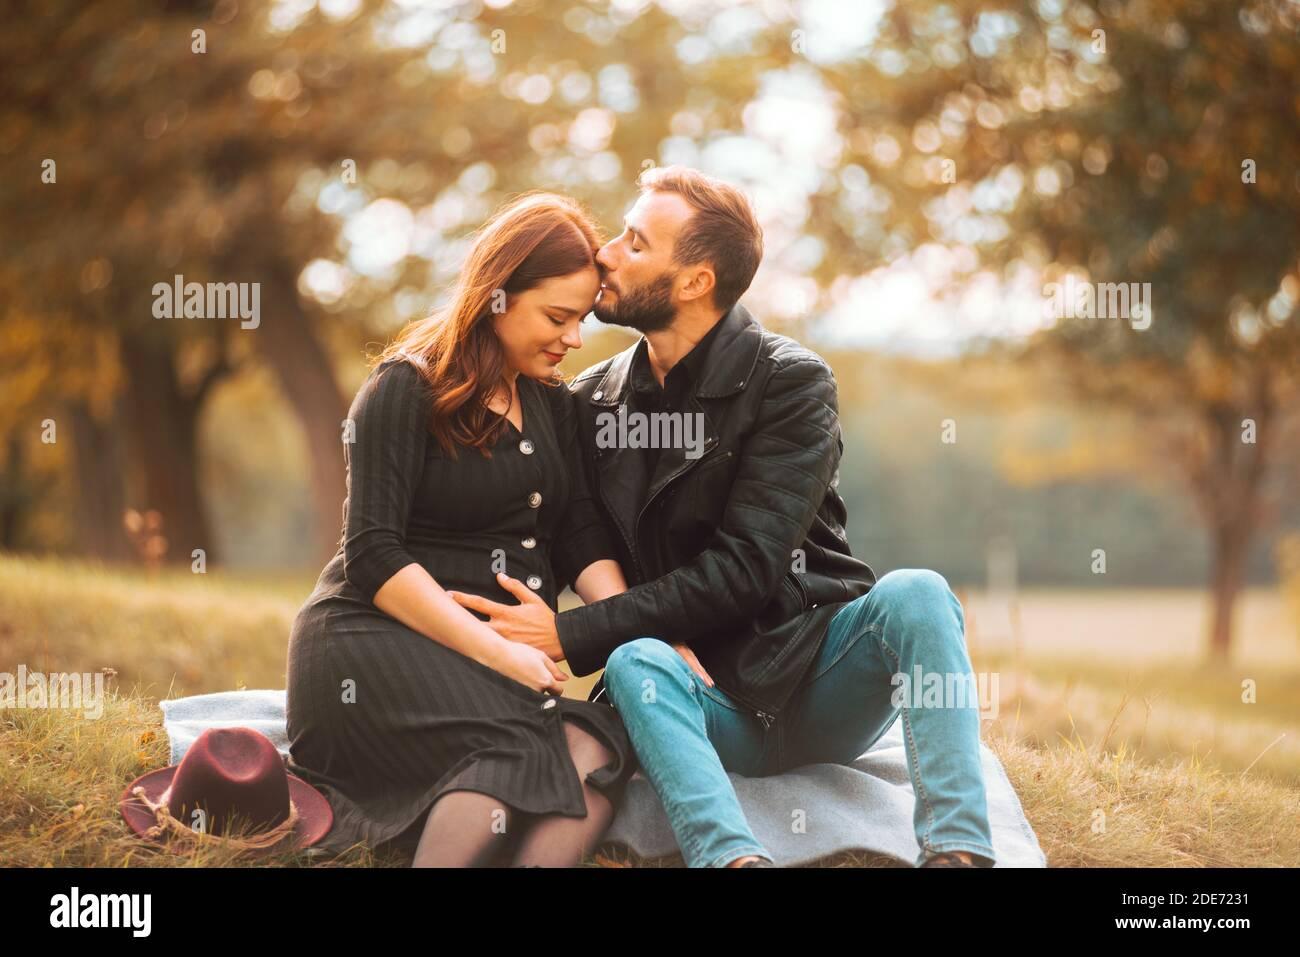 Foto von glücklichen schwangeren Paar auf der Bank im Park sitzen, schöne Stirn Kuss. Stockfoto